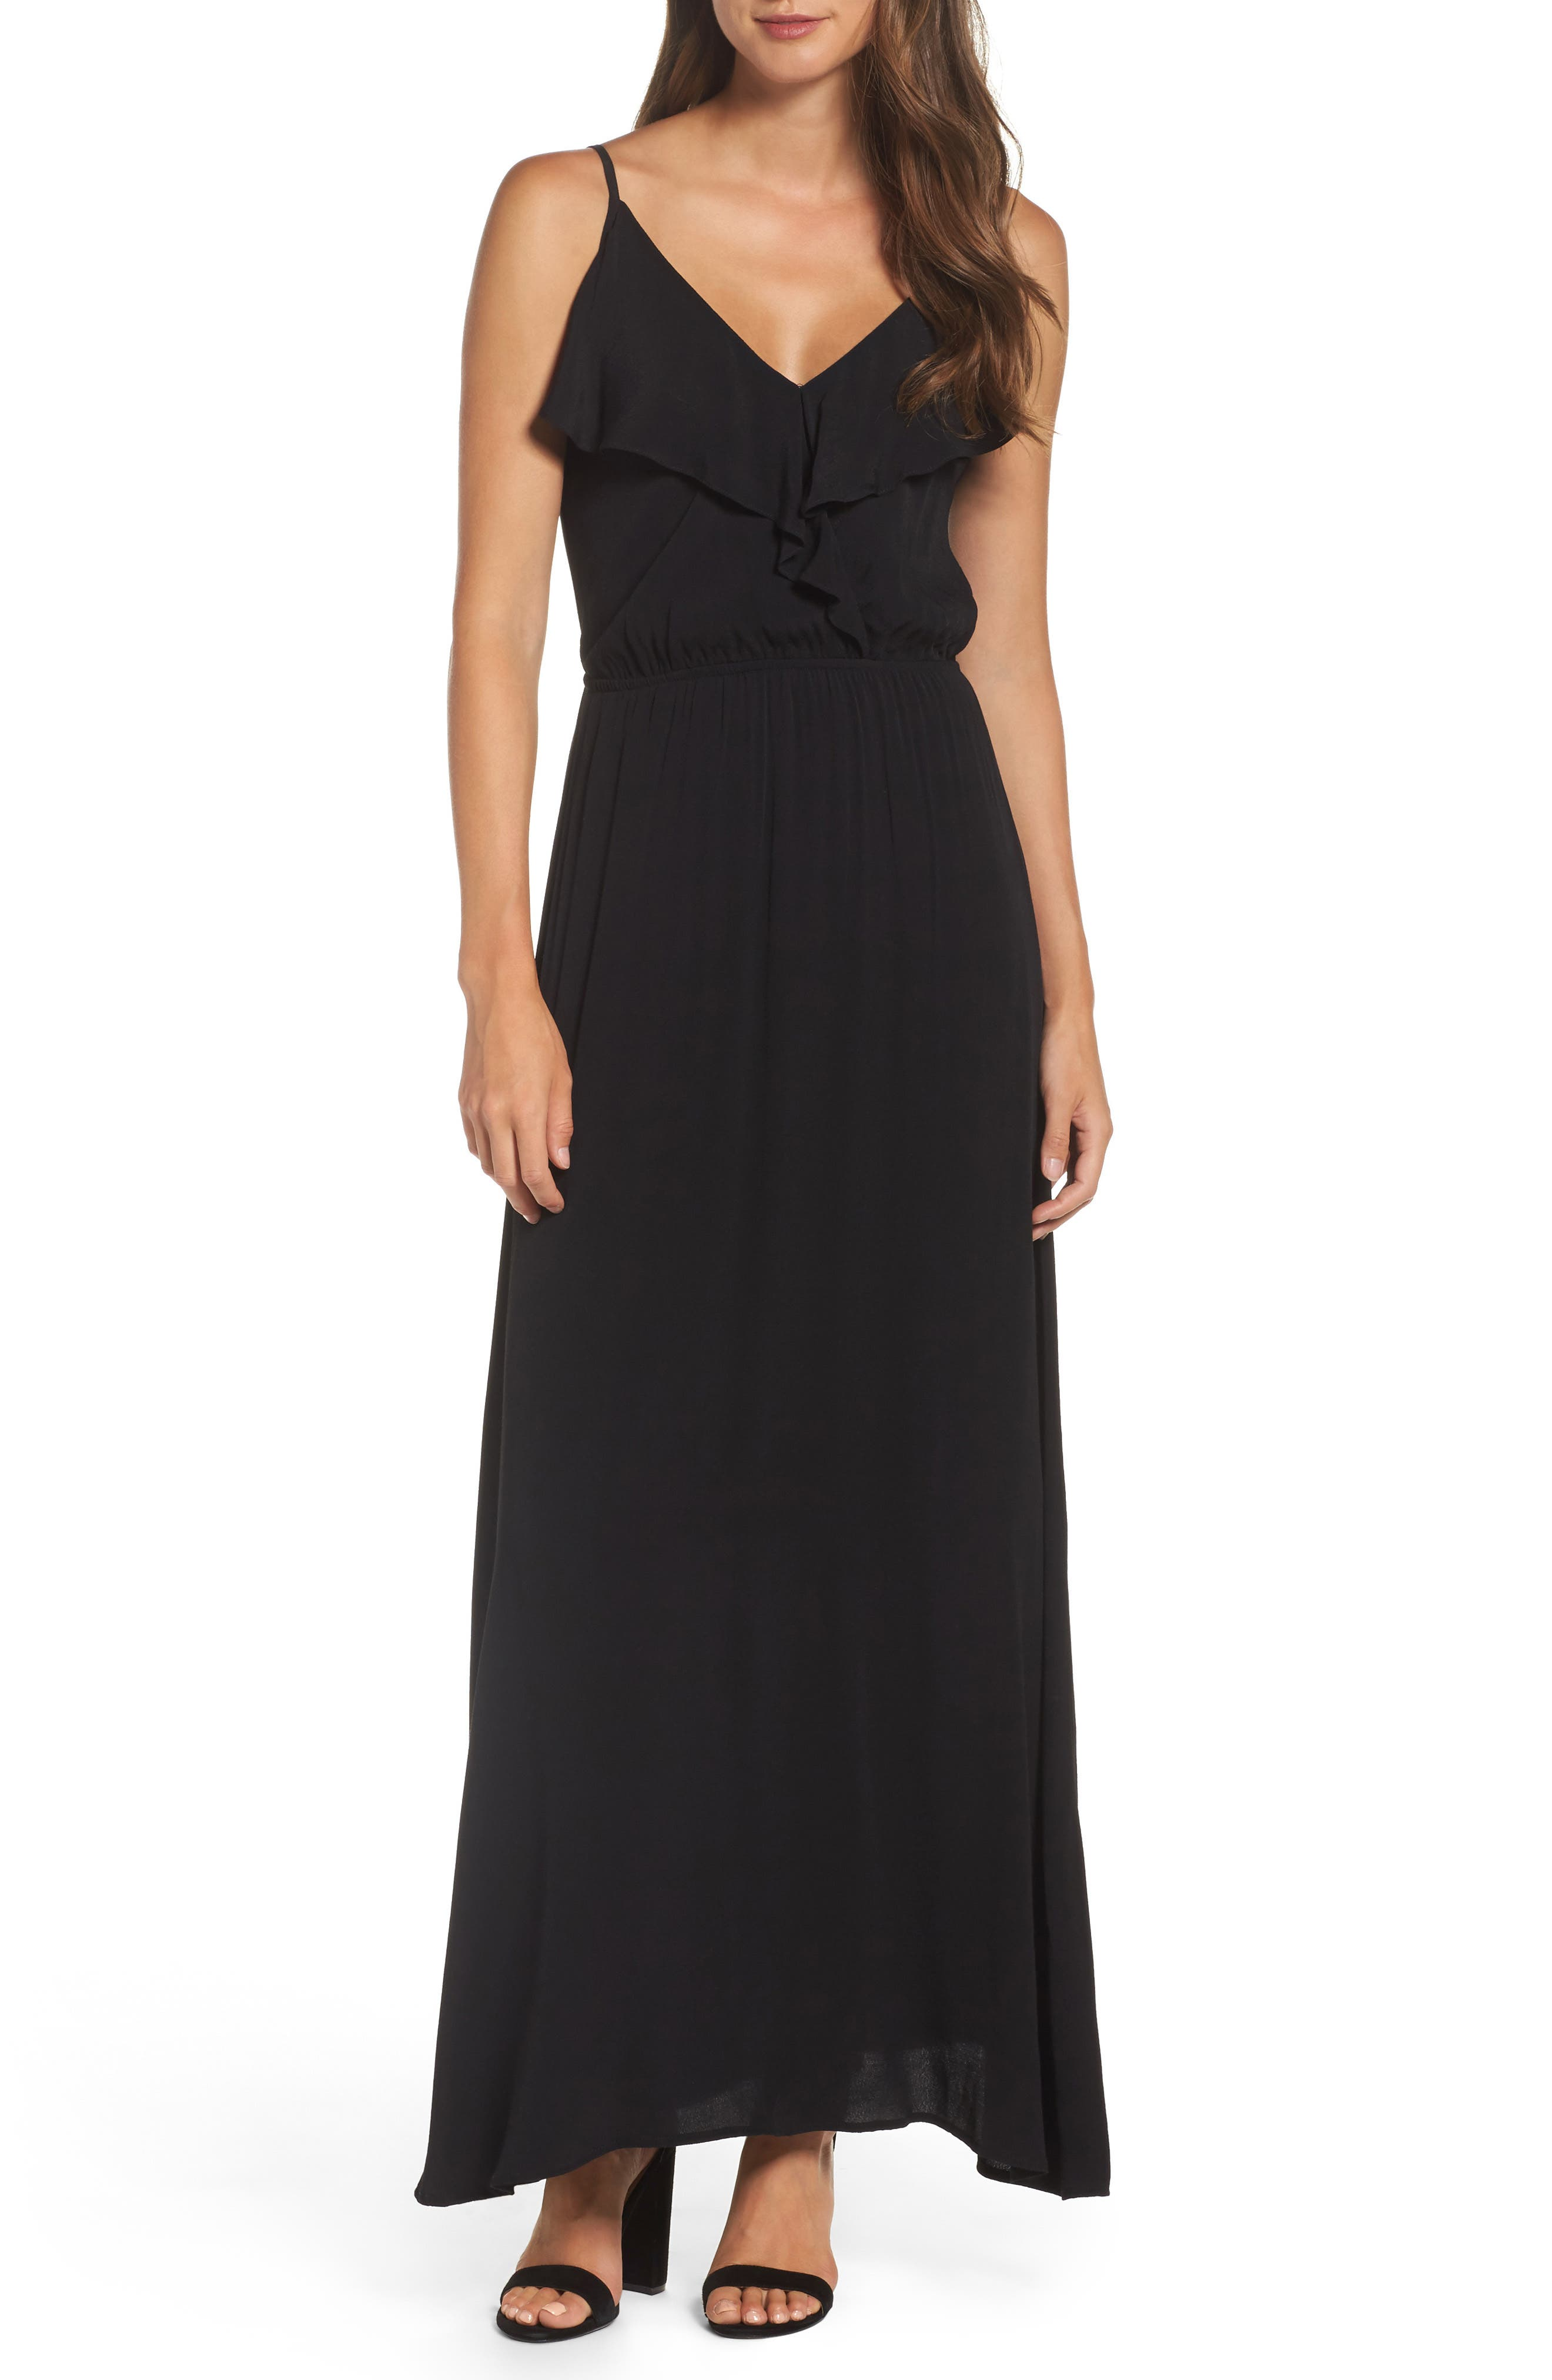 Blouson Maxi Dress,                             Main thumbnail 1, color,                             BLACK